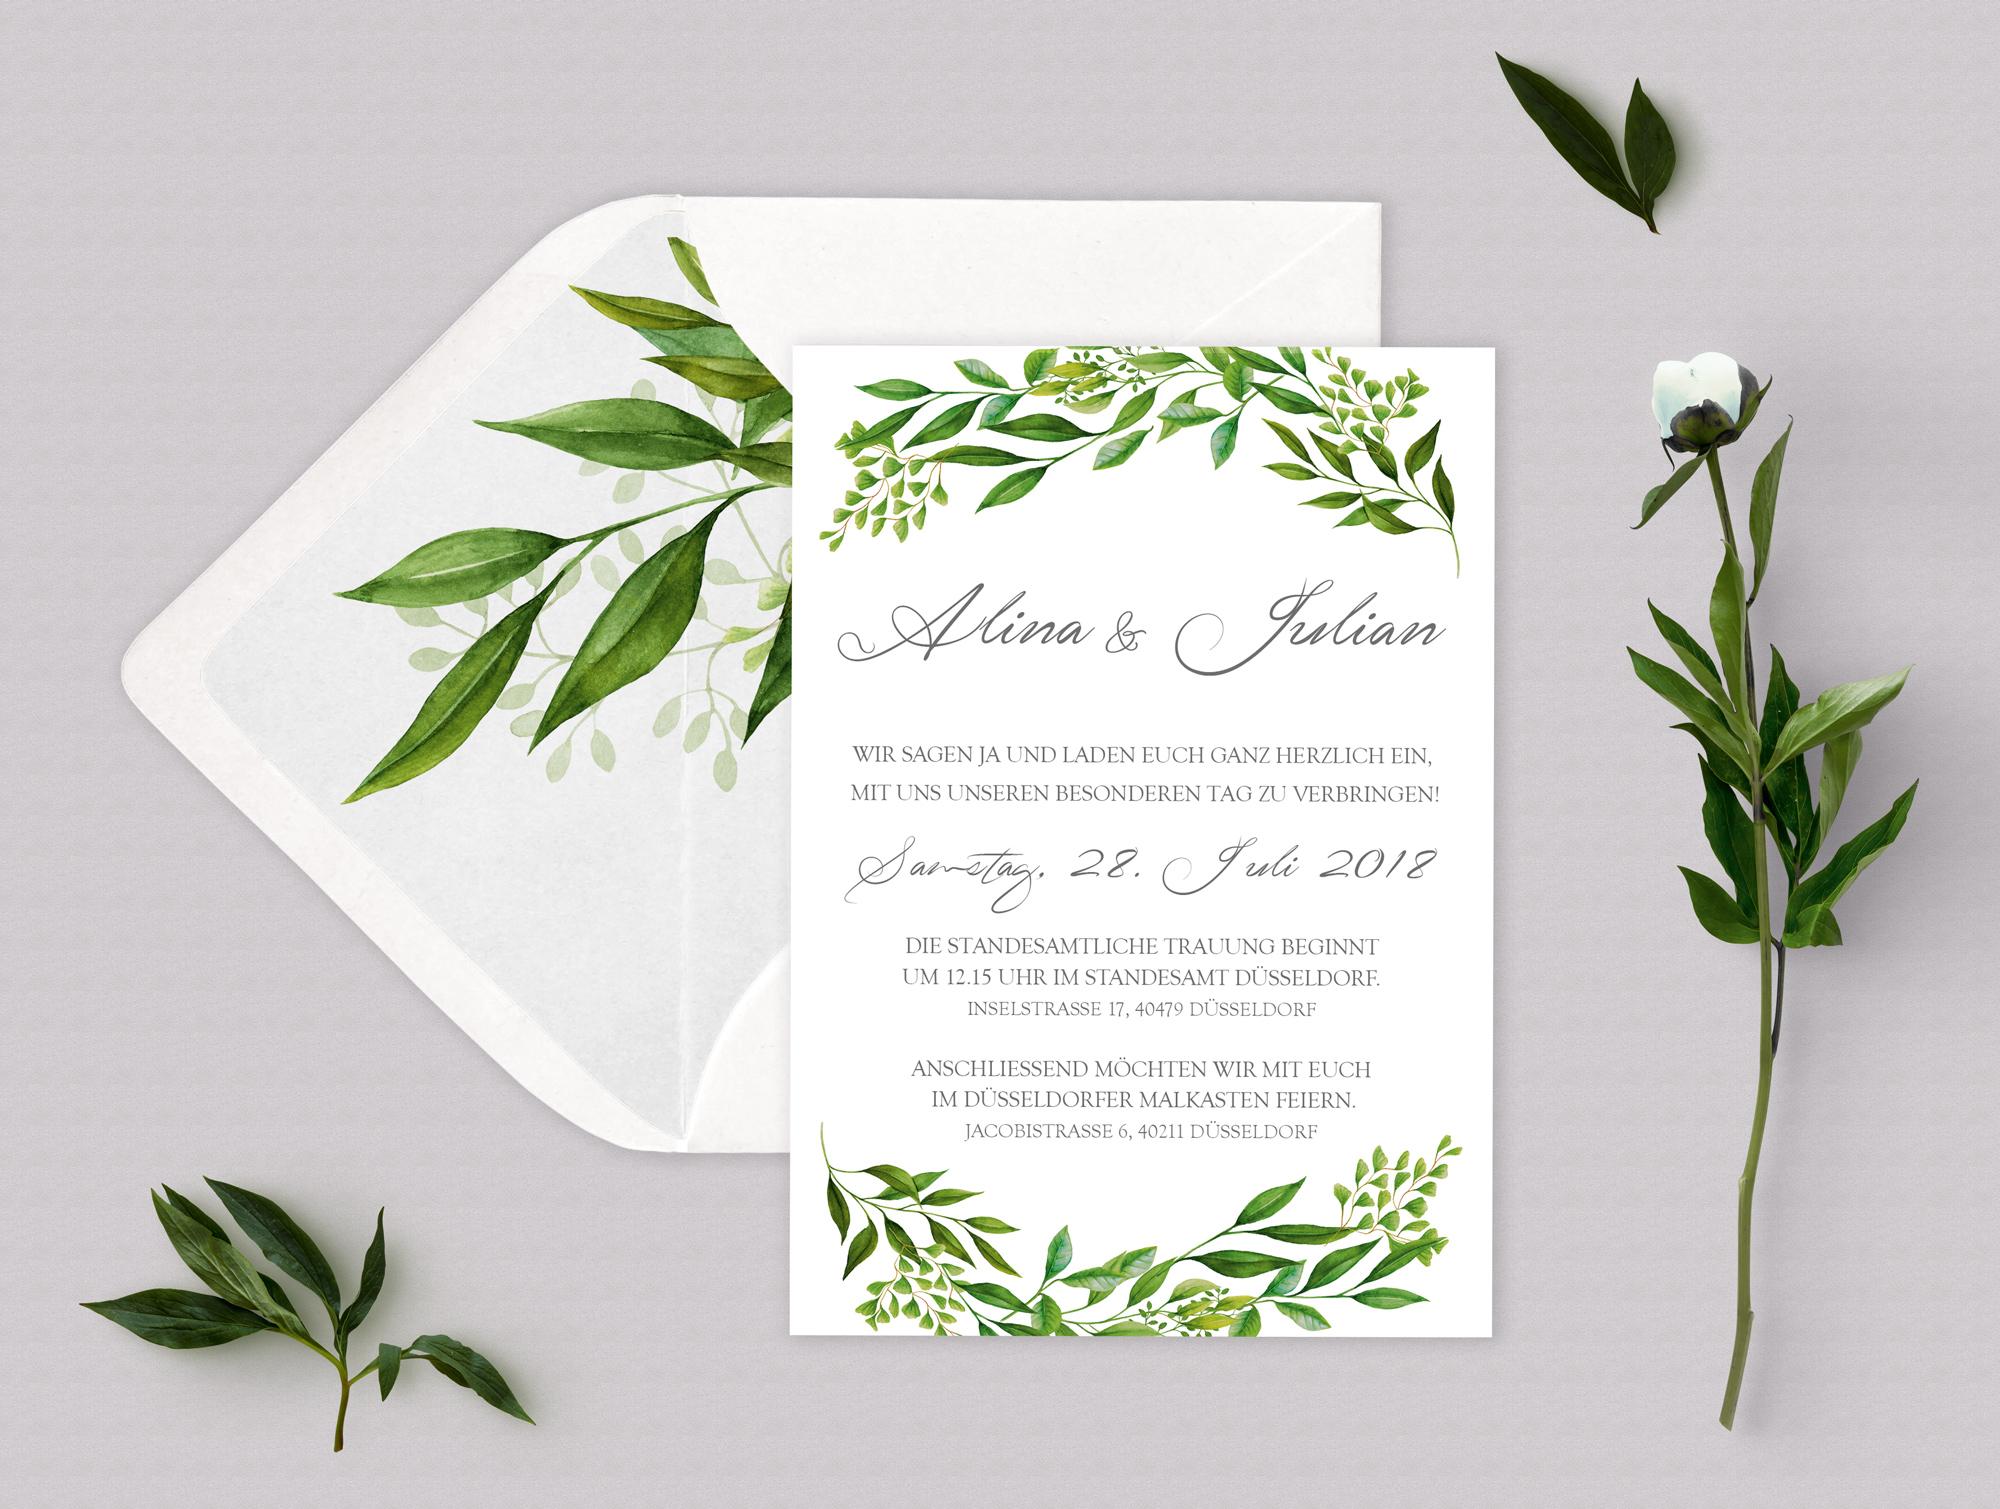 Hochzeitseinladung Greenery